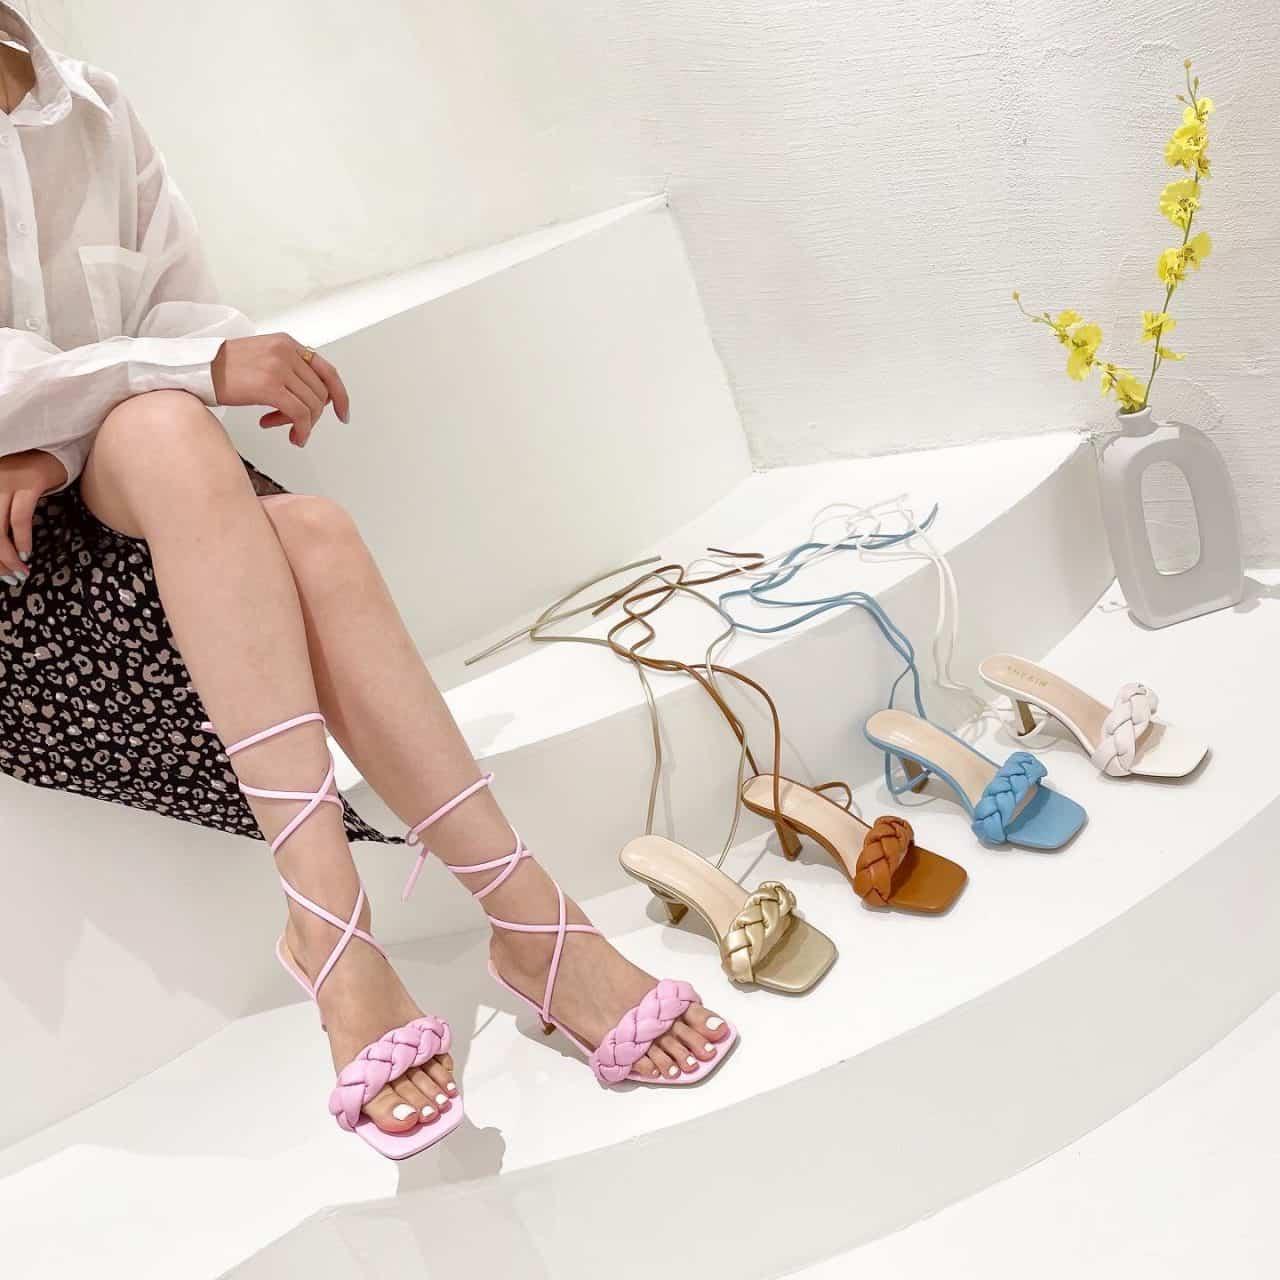 Loại giày này phù hợp với các loại trang phục nhẹ nhàng